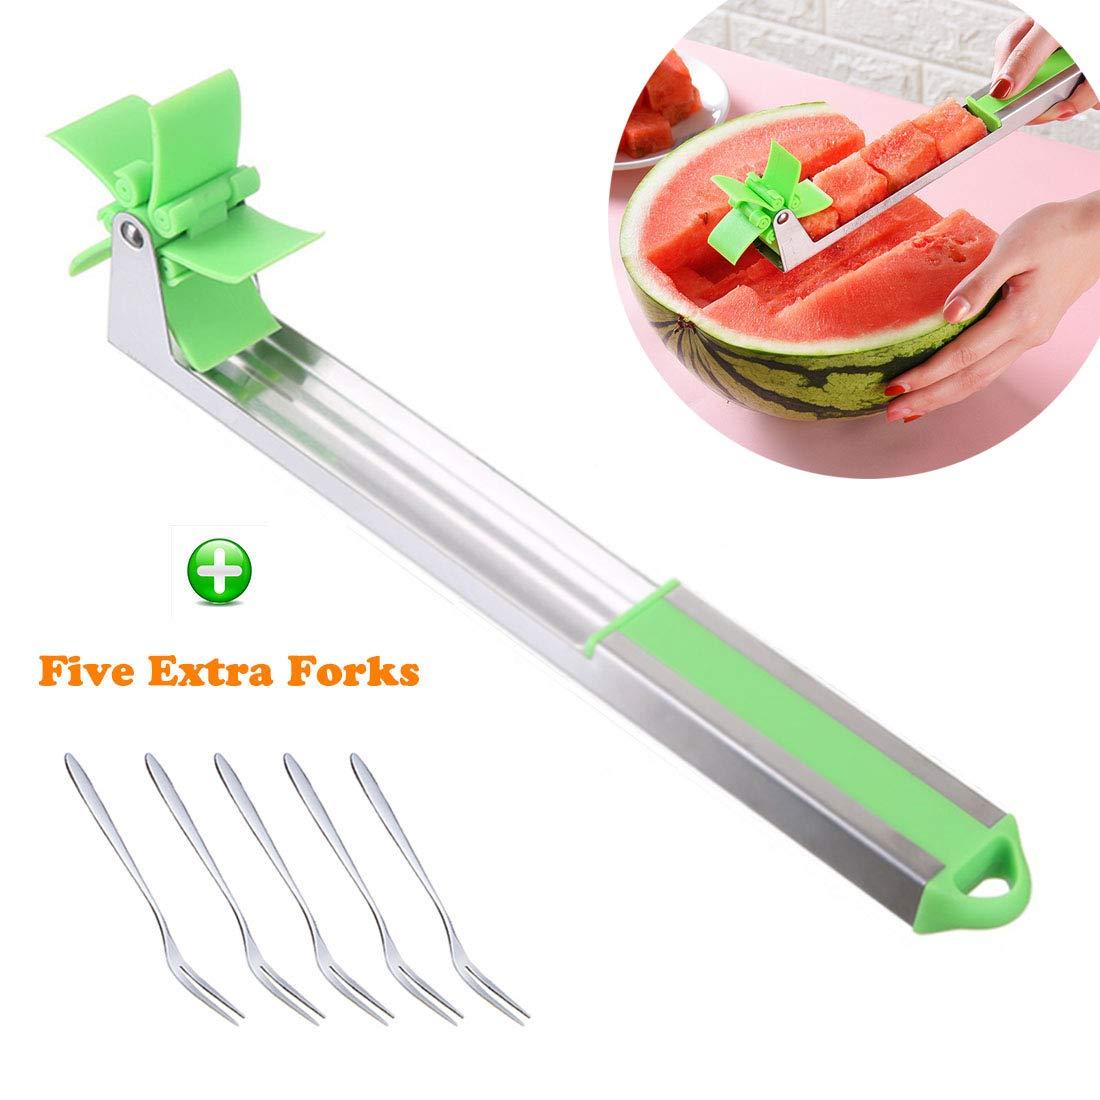 IRmm Watermelon Windmill Cutter Slicer Cutter 2019 Novel Cubes Cutter Tongs Corer with 5 Fruit Forks for Watermelon, Honeydew Melon, Canary Melon, Cantaloupe by IRmm